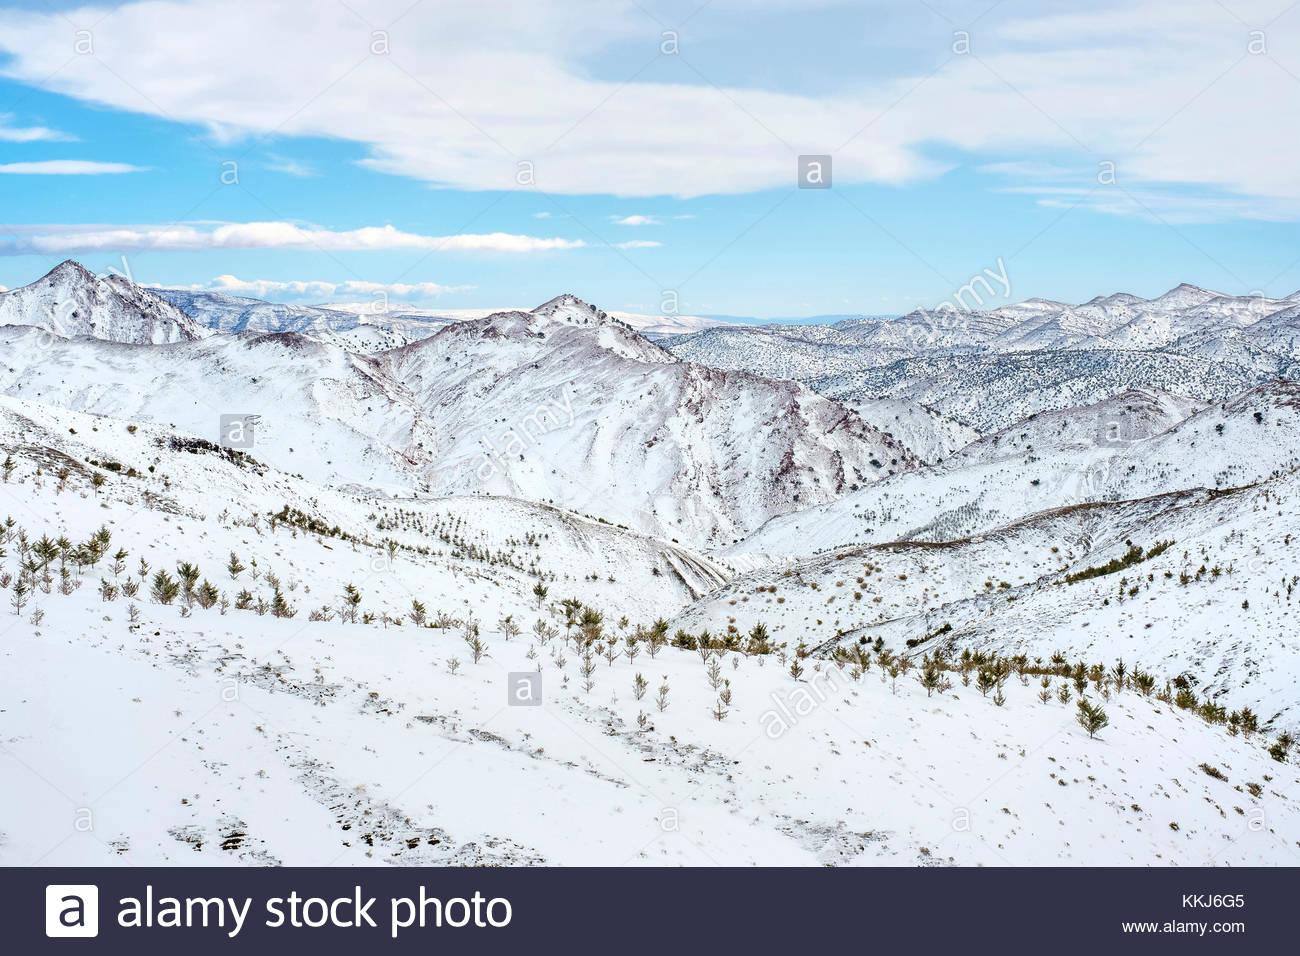 Marokko, Marrakech-Safi (Marrakesh-Tensift-El Haouz), Al Haouz Provinz. Tizi N'Tichka Pass im Atlasgebirge im Stockbild